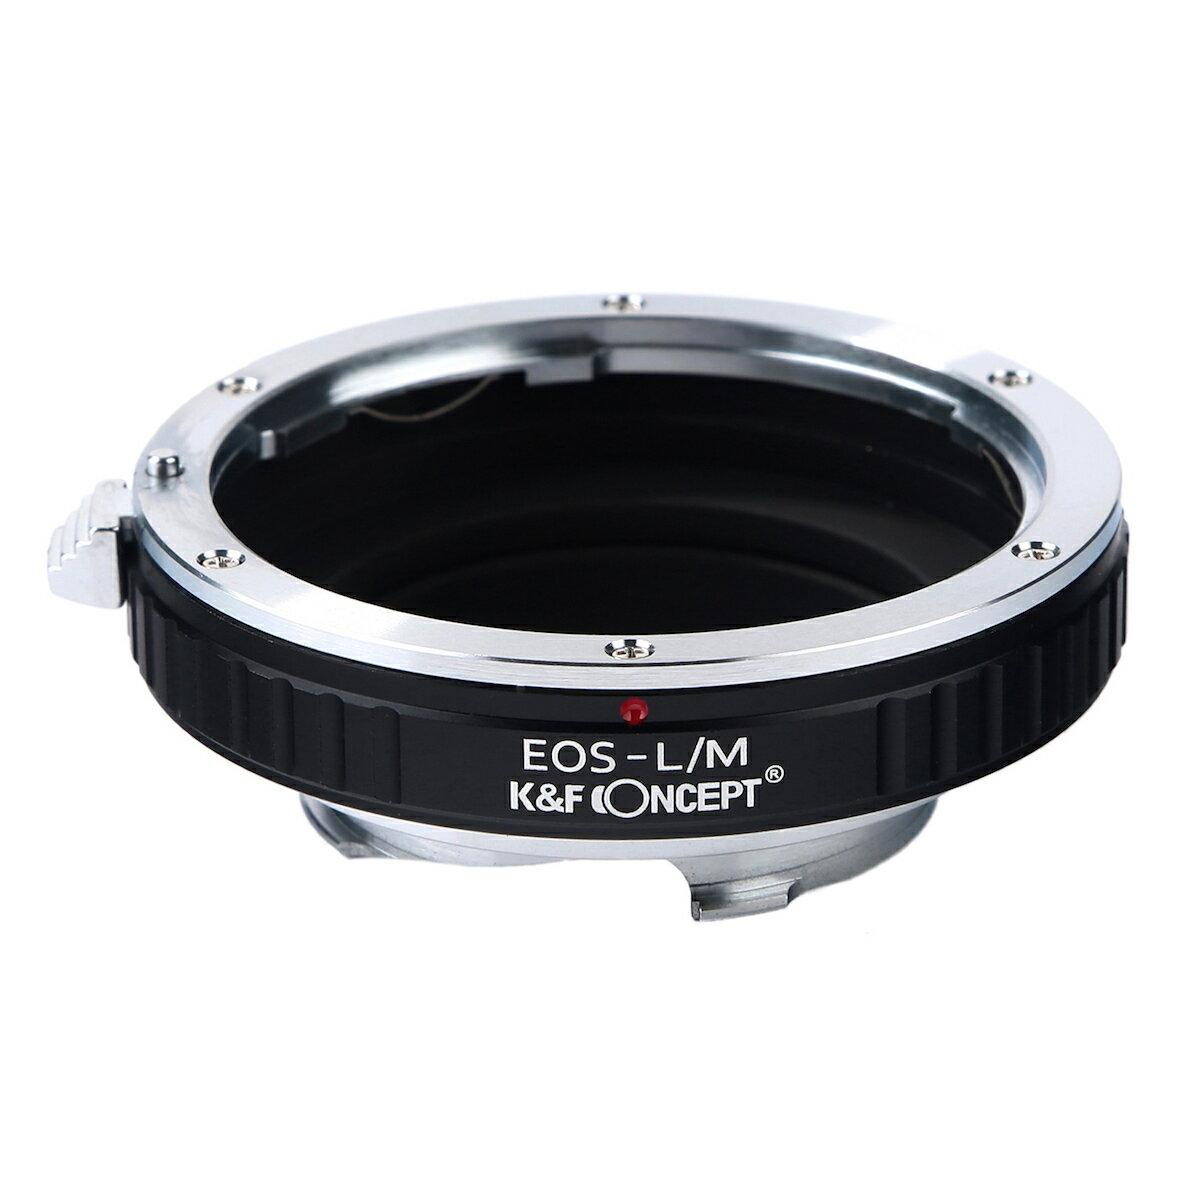 カメラ・ビデオカメラ・光学機器, カメラ用交換レンズ KF Concept KF-EFM (EF M